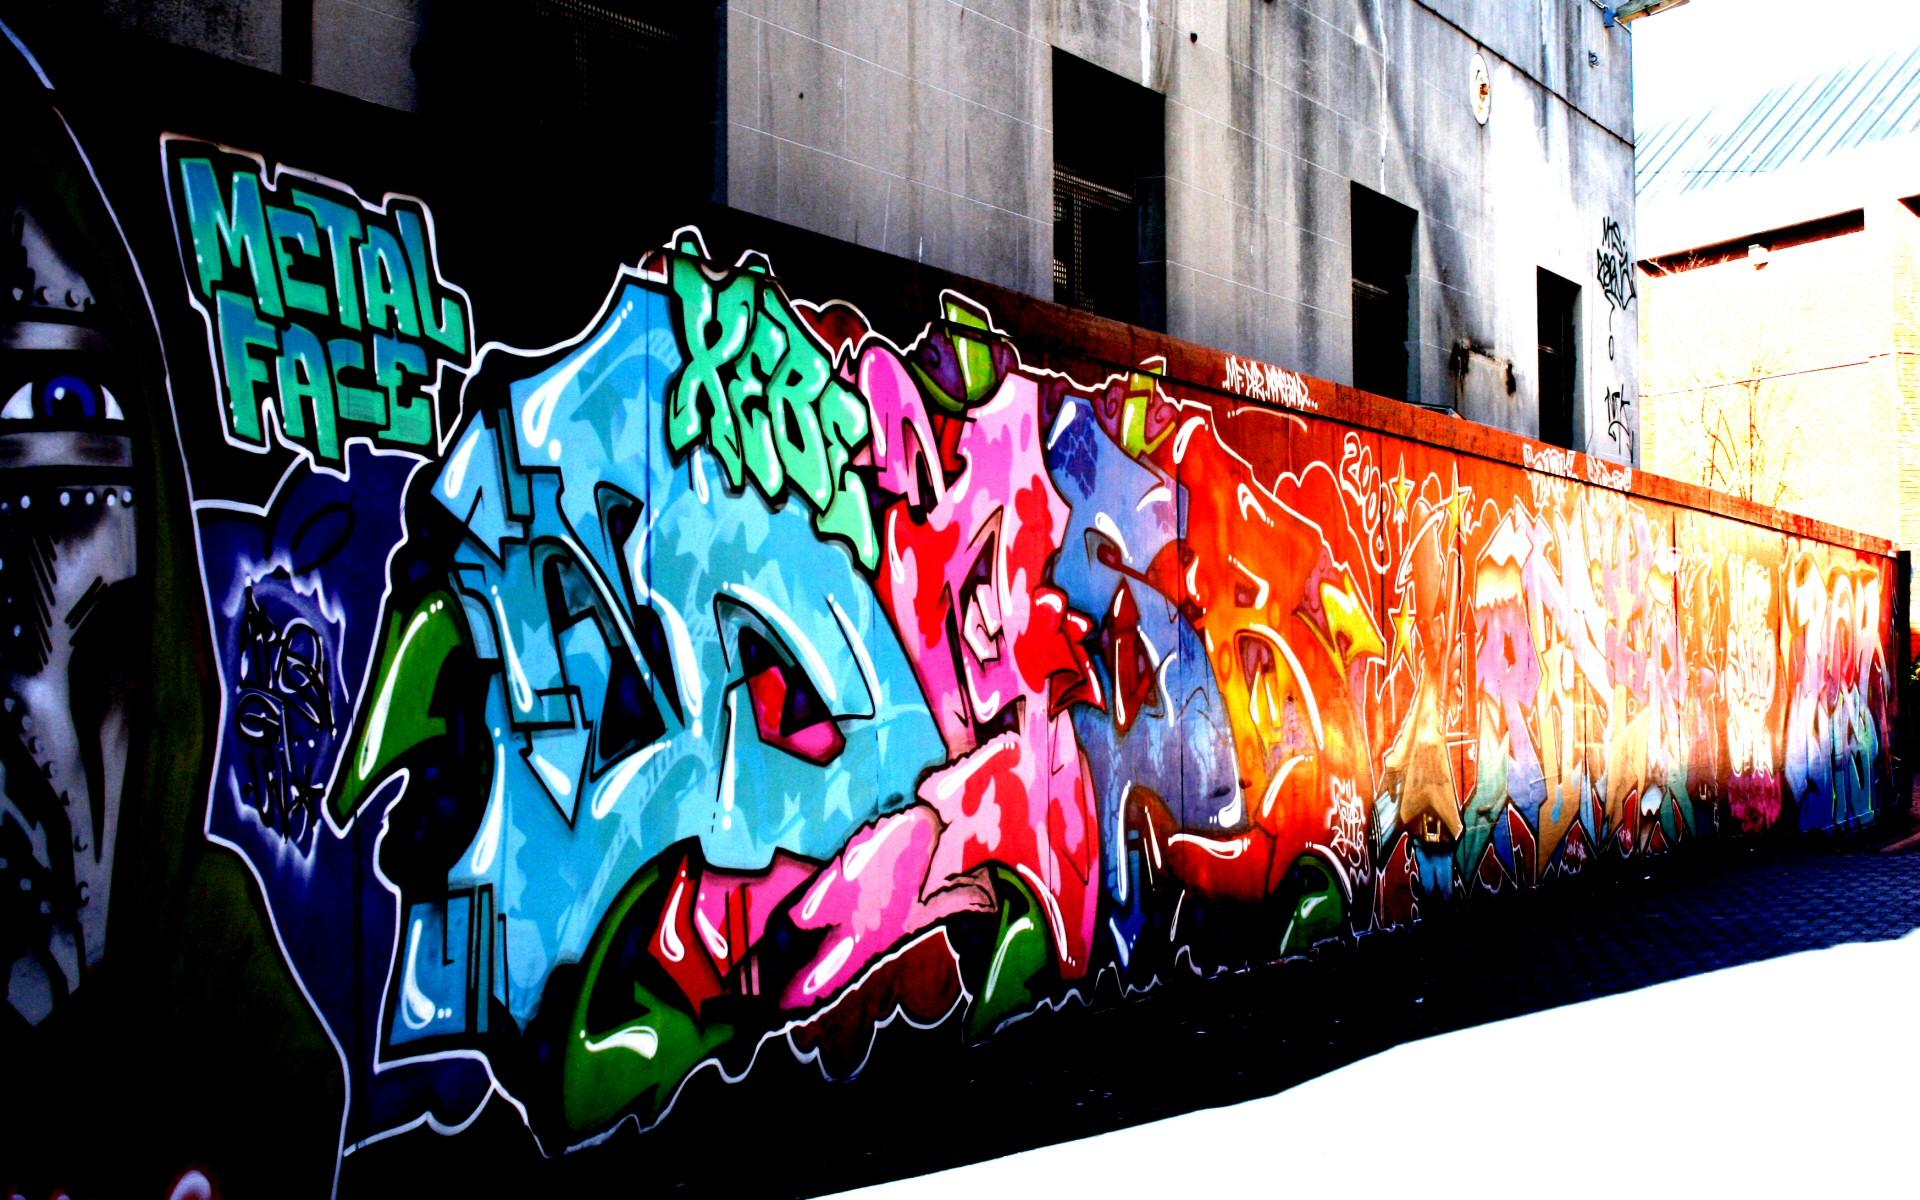 граффити в картинках цвет вопросам цены свободных